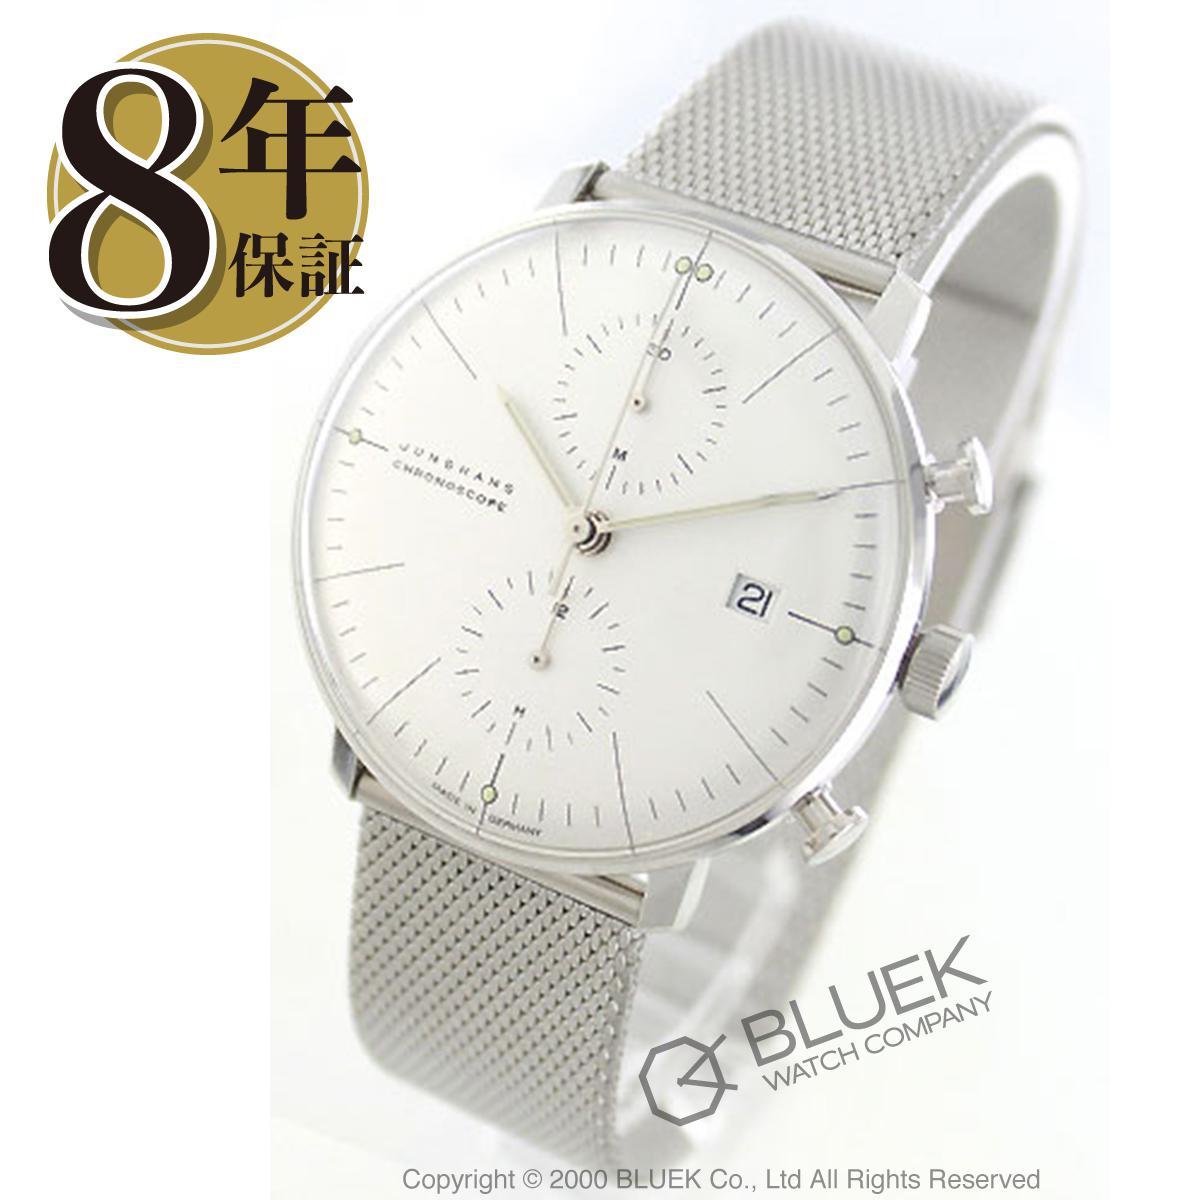 ユンハンス JUNGHANS 腕時計 マックスビル クロノスコープ メンズ 027/4600.00M_8